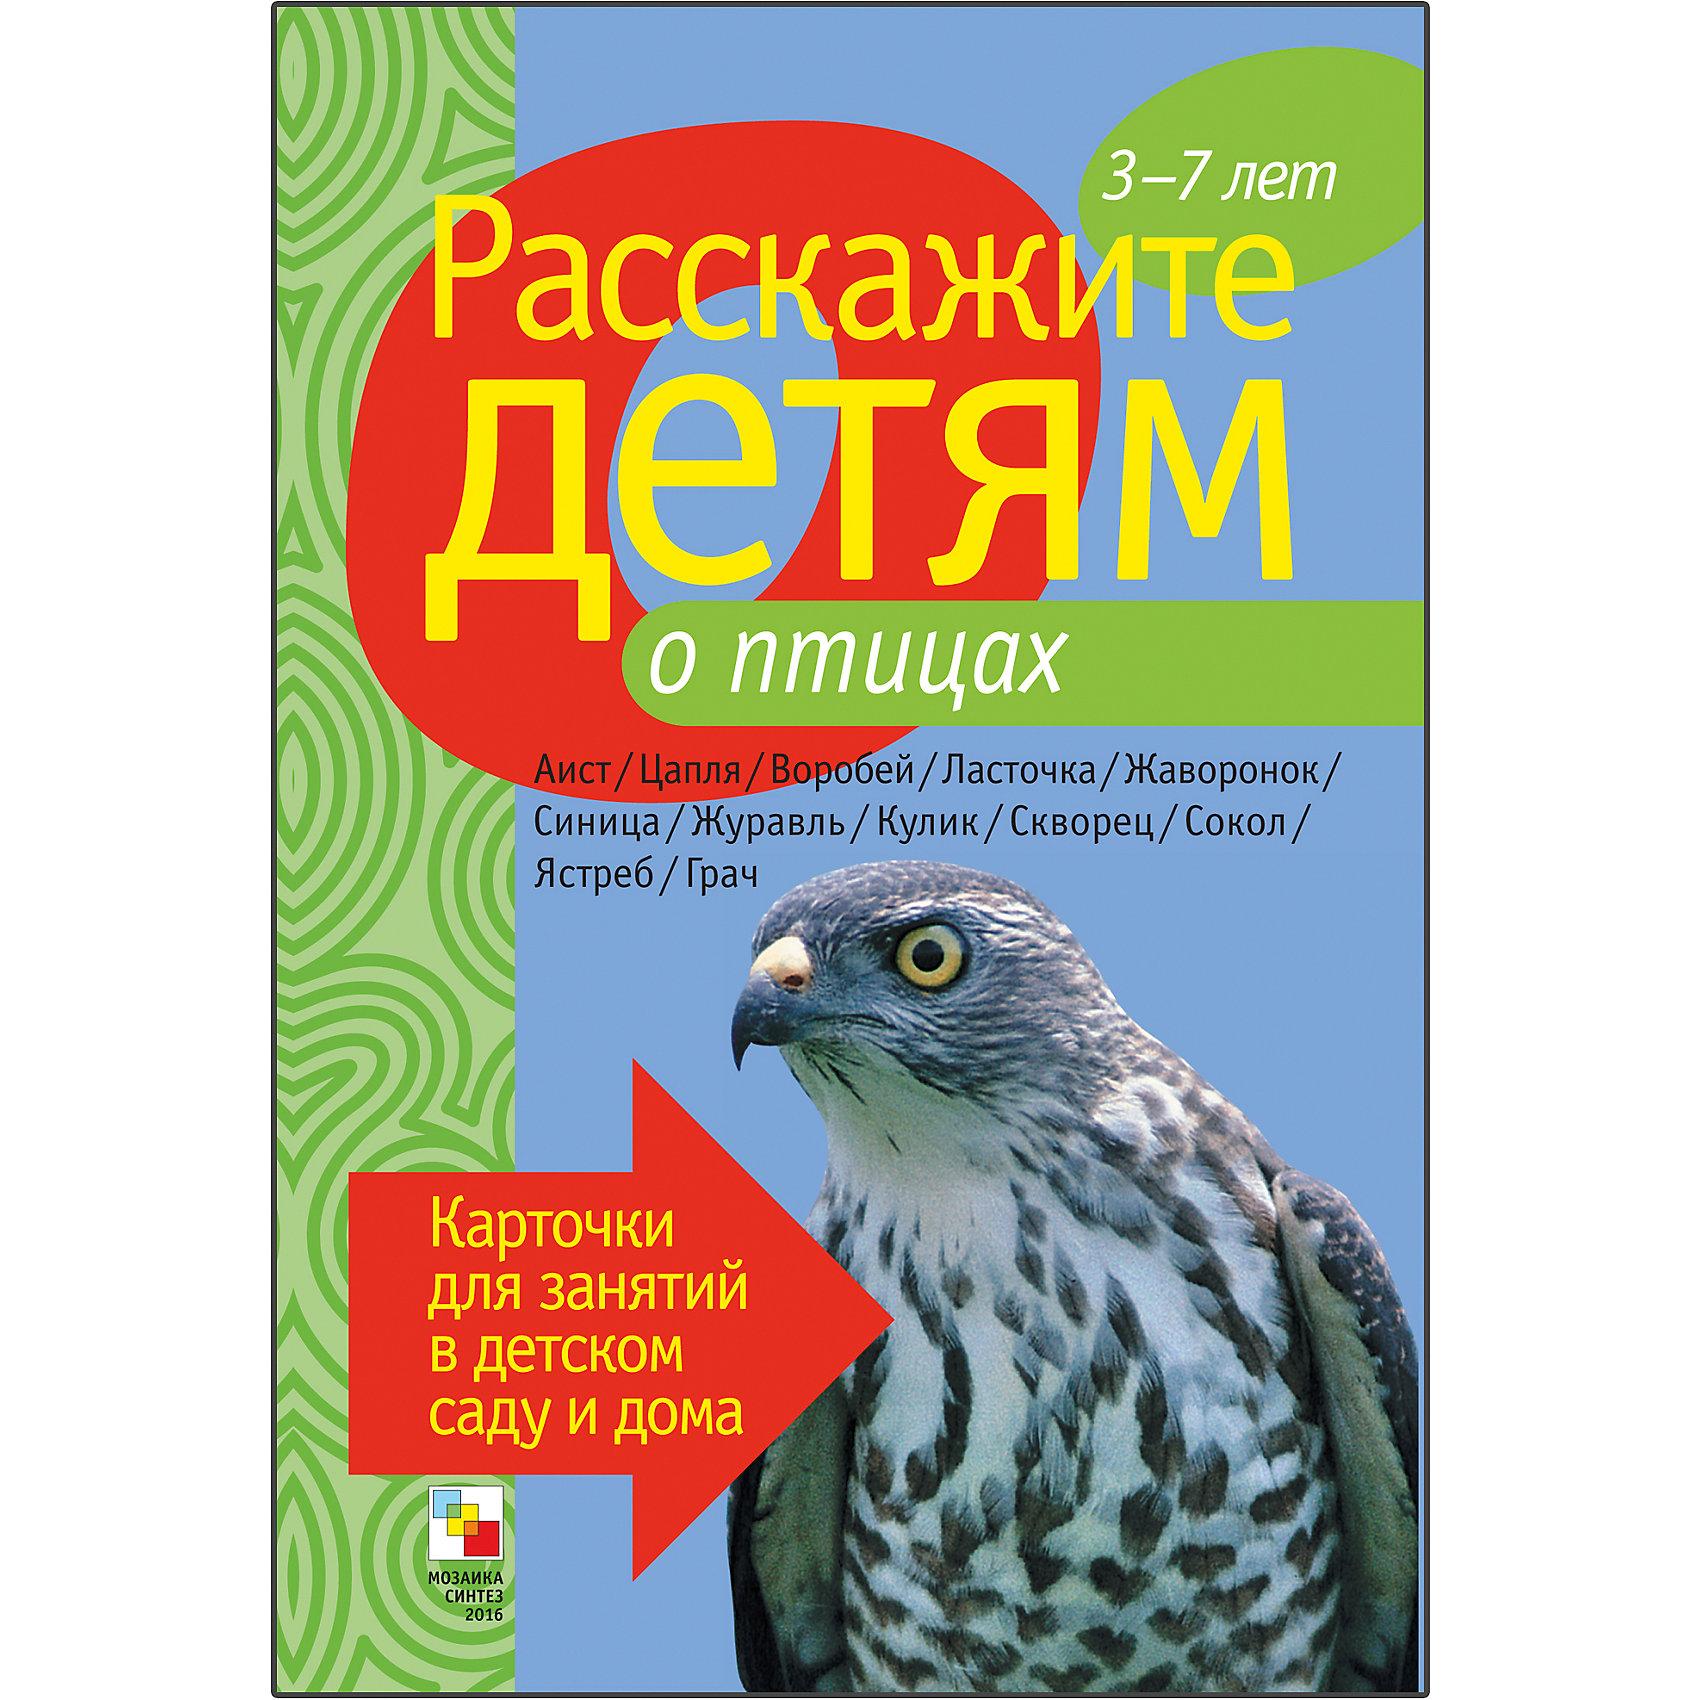 Карточки Расскажите детям о птицах, Мозаика-СинтезОбучающие карточки<br>Пособие Расскажите детям о птицах, Мозаика-Синтез.<br><br>Характеристики:<br><br>• Издательство: МОЗАИКА-СИНТЕЗ<br>• ISBN: 9785867754693<br>• Тип: папка с карточками, обложка твердая.<br>• Возраст: от 3-7 лет.<br>• Размер книги: 210х150х5 мм.<br>• Количество страниц: 12<br><br>Мир пернатых обитателей нашей страны поистине огромен. Данное пособие даст ребенку обширный материал о птицах, обитающих в России. Это и хищные пернатые, такие как ястреб или сокол, и мирные пичужки, питающиеся насекомыми, – синички, воробьи или скворцы. Есть среди птиц и обитатели водоемов и болот – цапли, кулики, аисты. Помещенные в тексте стихи, пословицы и загадки о птицах помогут дополнить рассказ о той или иной птице.<br><br>Пособие Расскажите детям о птицах, Мозаика-Синтез, можно купить в нашем интернет – магазине.<br><br>Ширина мм: 5<br>Глубина мм: 150<br>Высота мм: 210<br>Вес г: 83<br>Возраст от месяцев: 36<br>Возраст до месяцев: 84<br>Пол: Унисекс<br>Возраст: Детский<br>SKU: 5428923